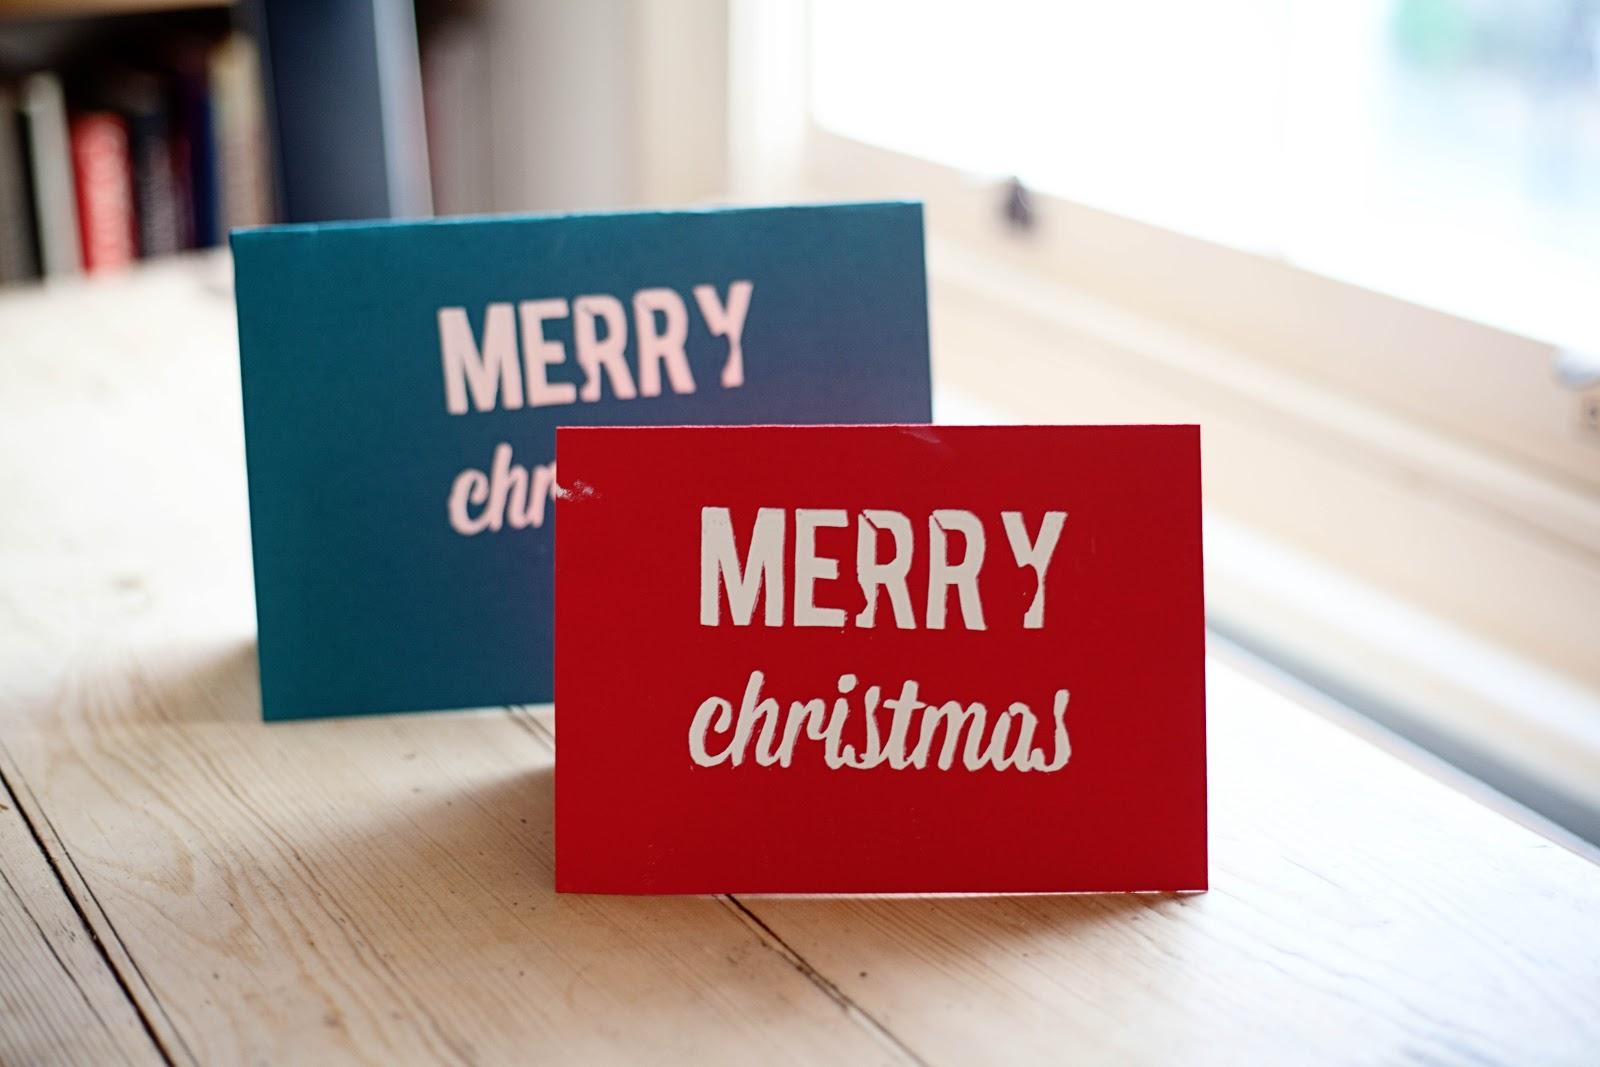 Test Blog: Christmas Templates To Print | Christmas Idea